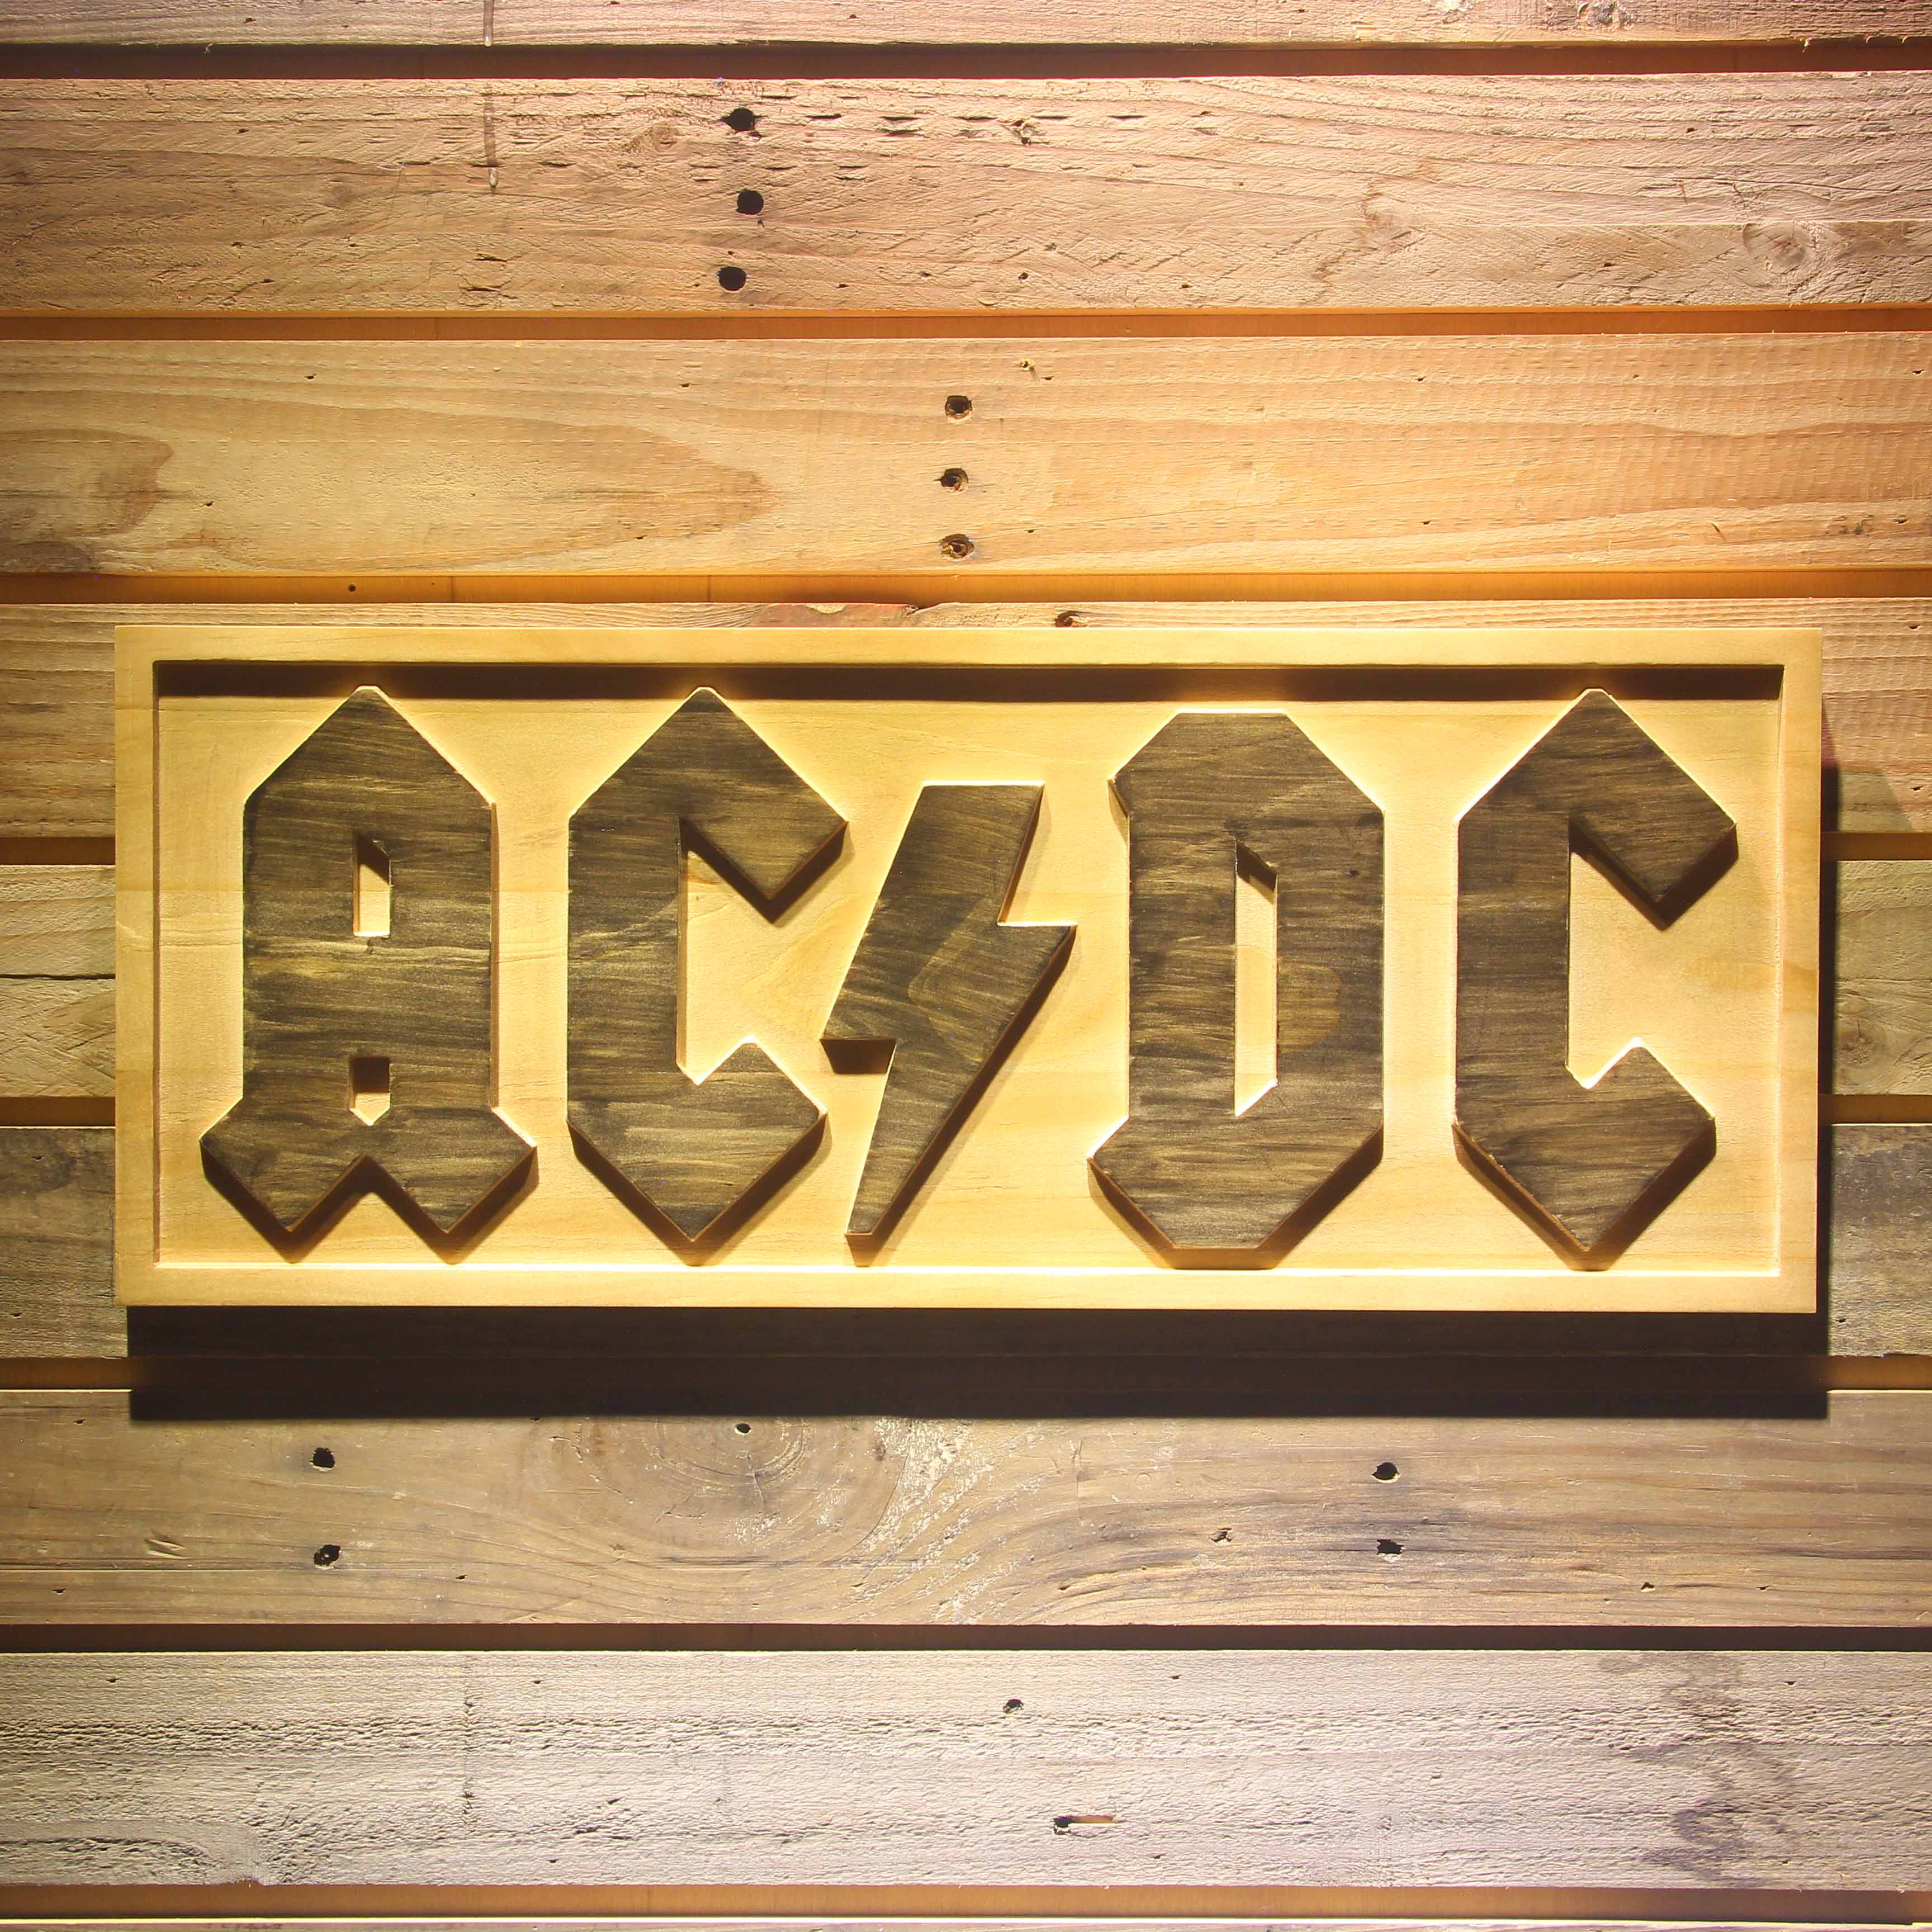 Signes de barre en bois 3D de bière de bande d'ac/CD d'acdc